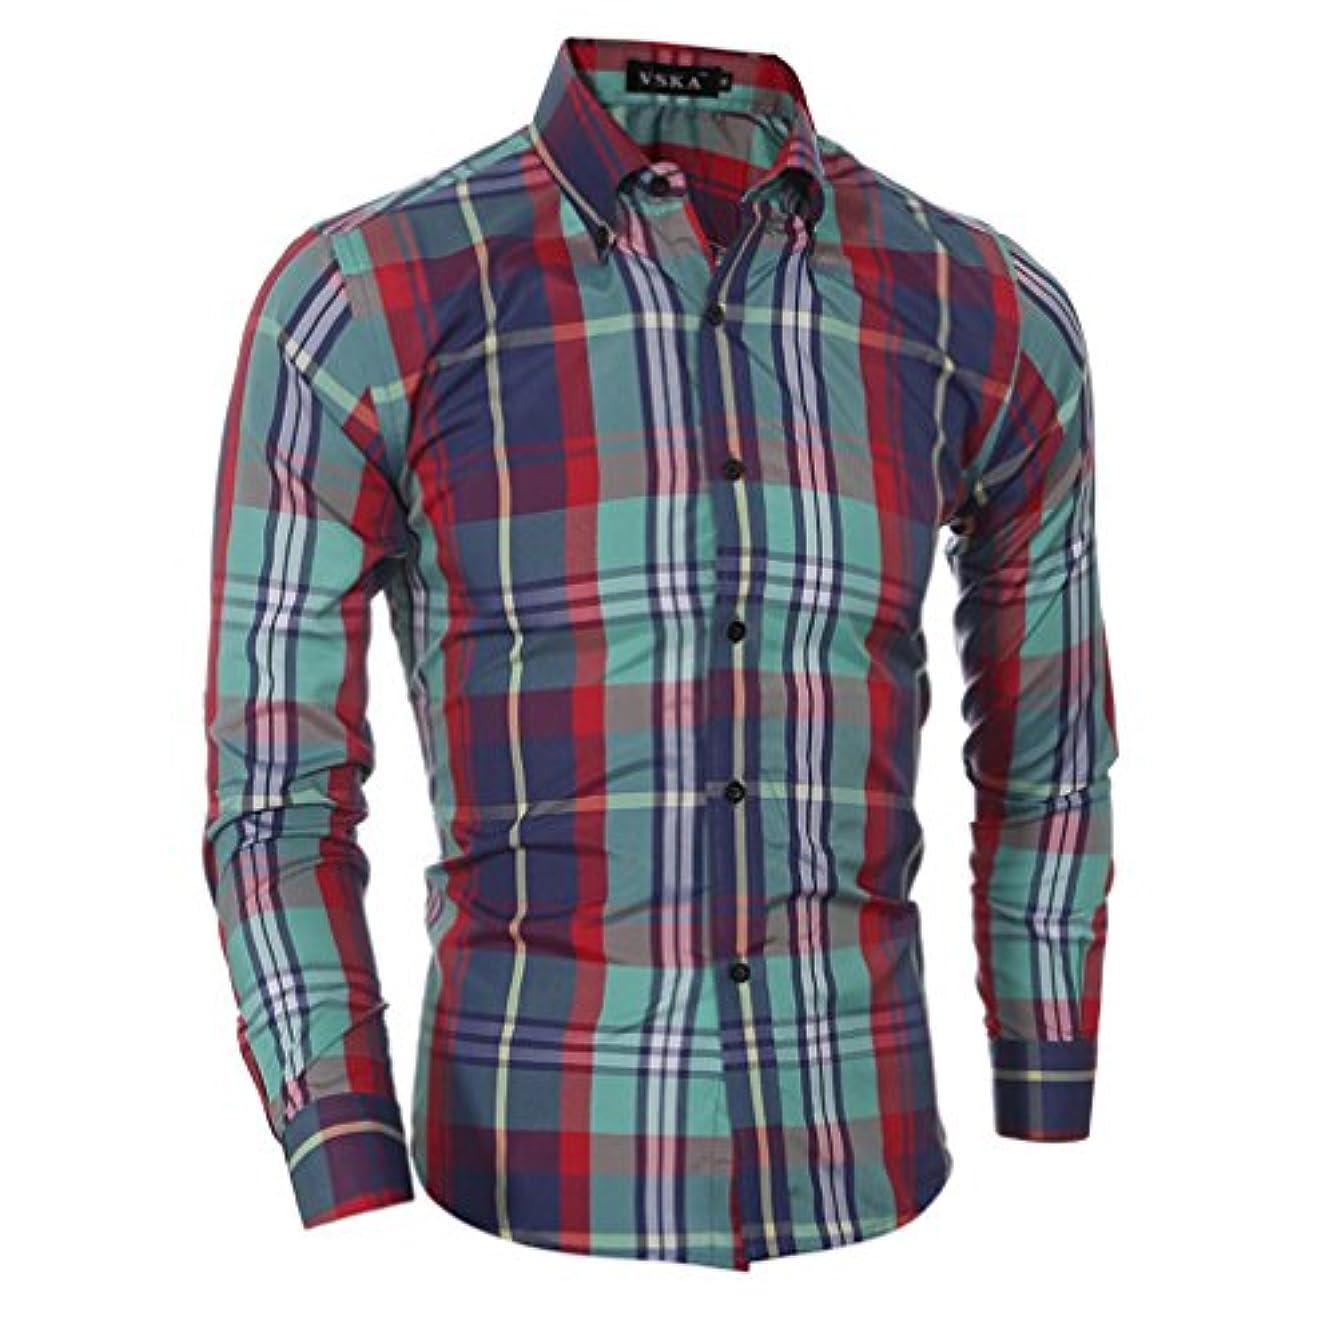 または書き込みオデュッセウスHonghu メンズ シャツ 長袖 チェック柄 カジュアル チェック柄 レッドグリーン 2XL 1PC